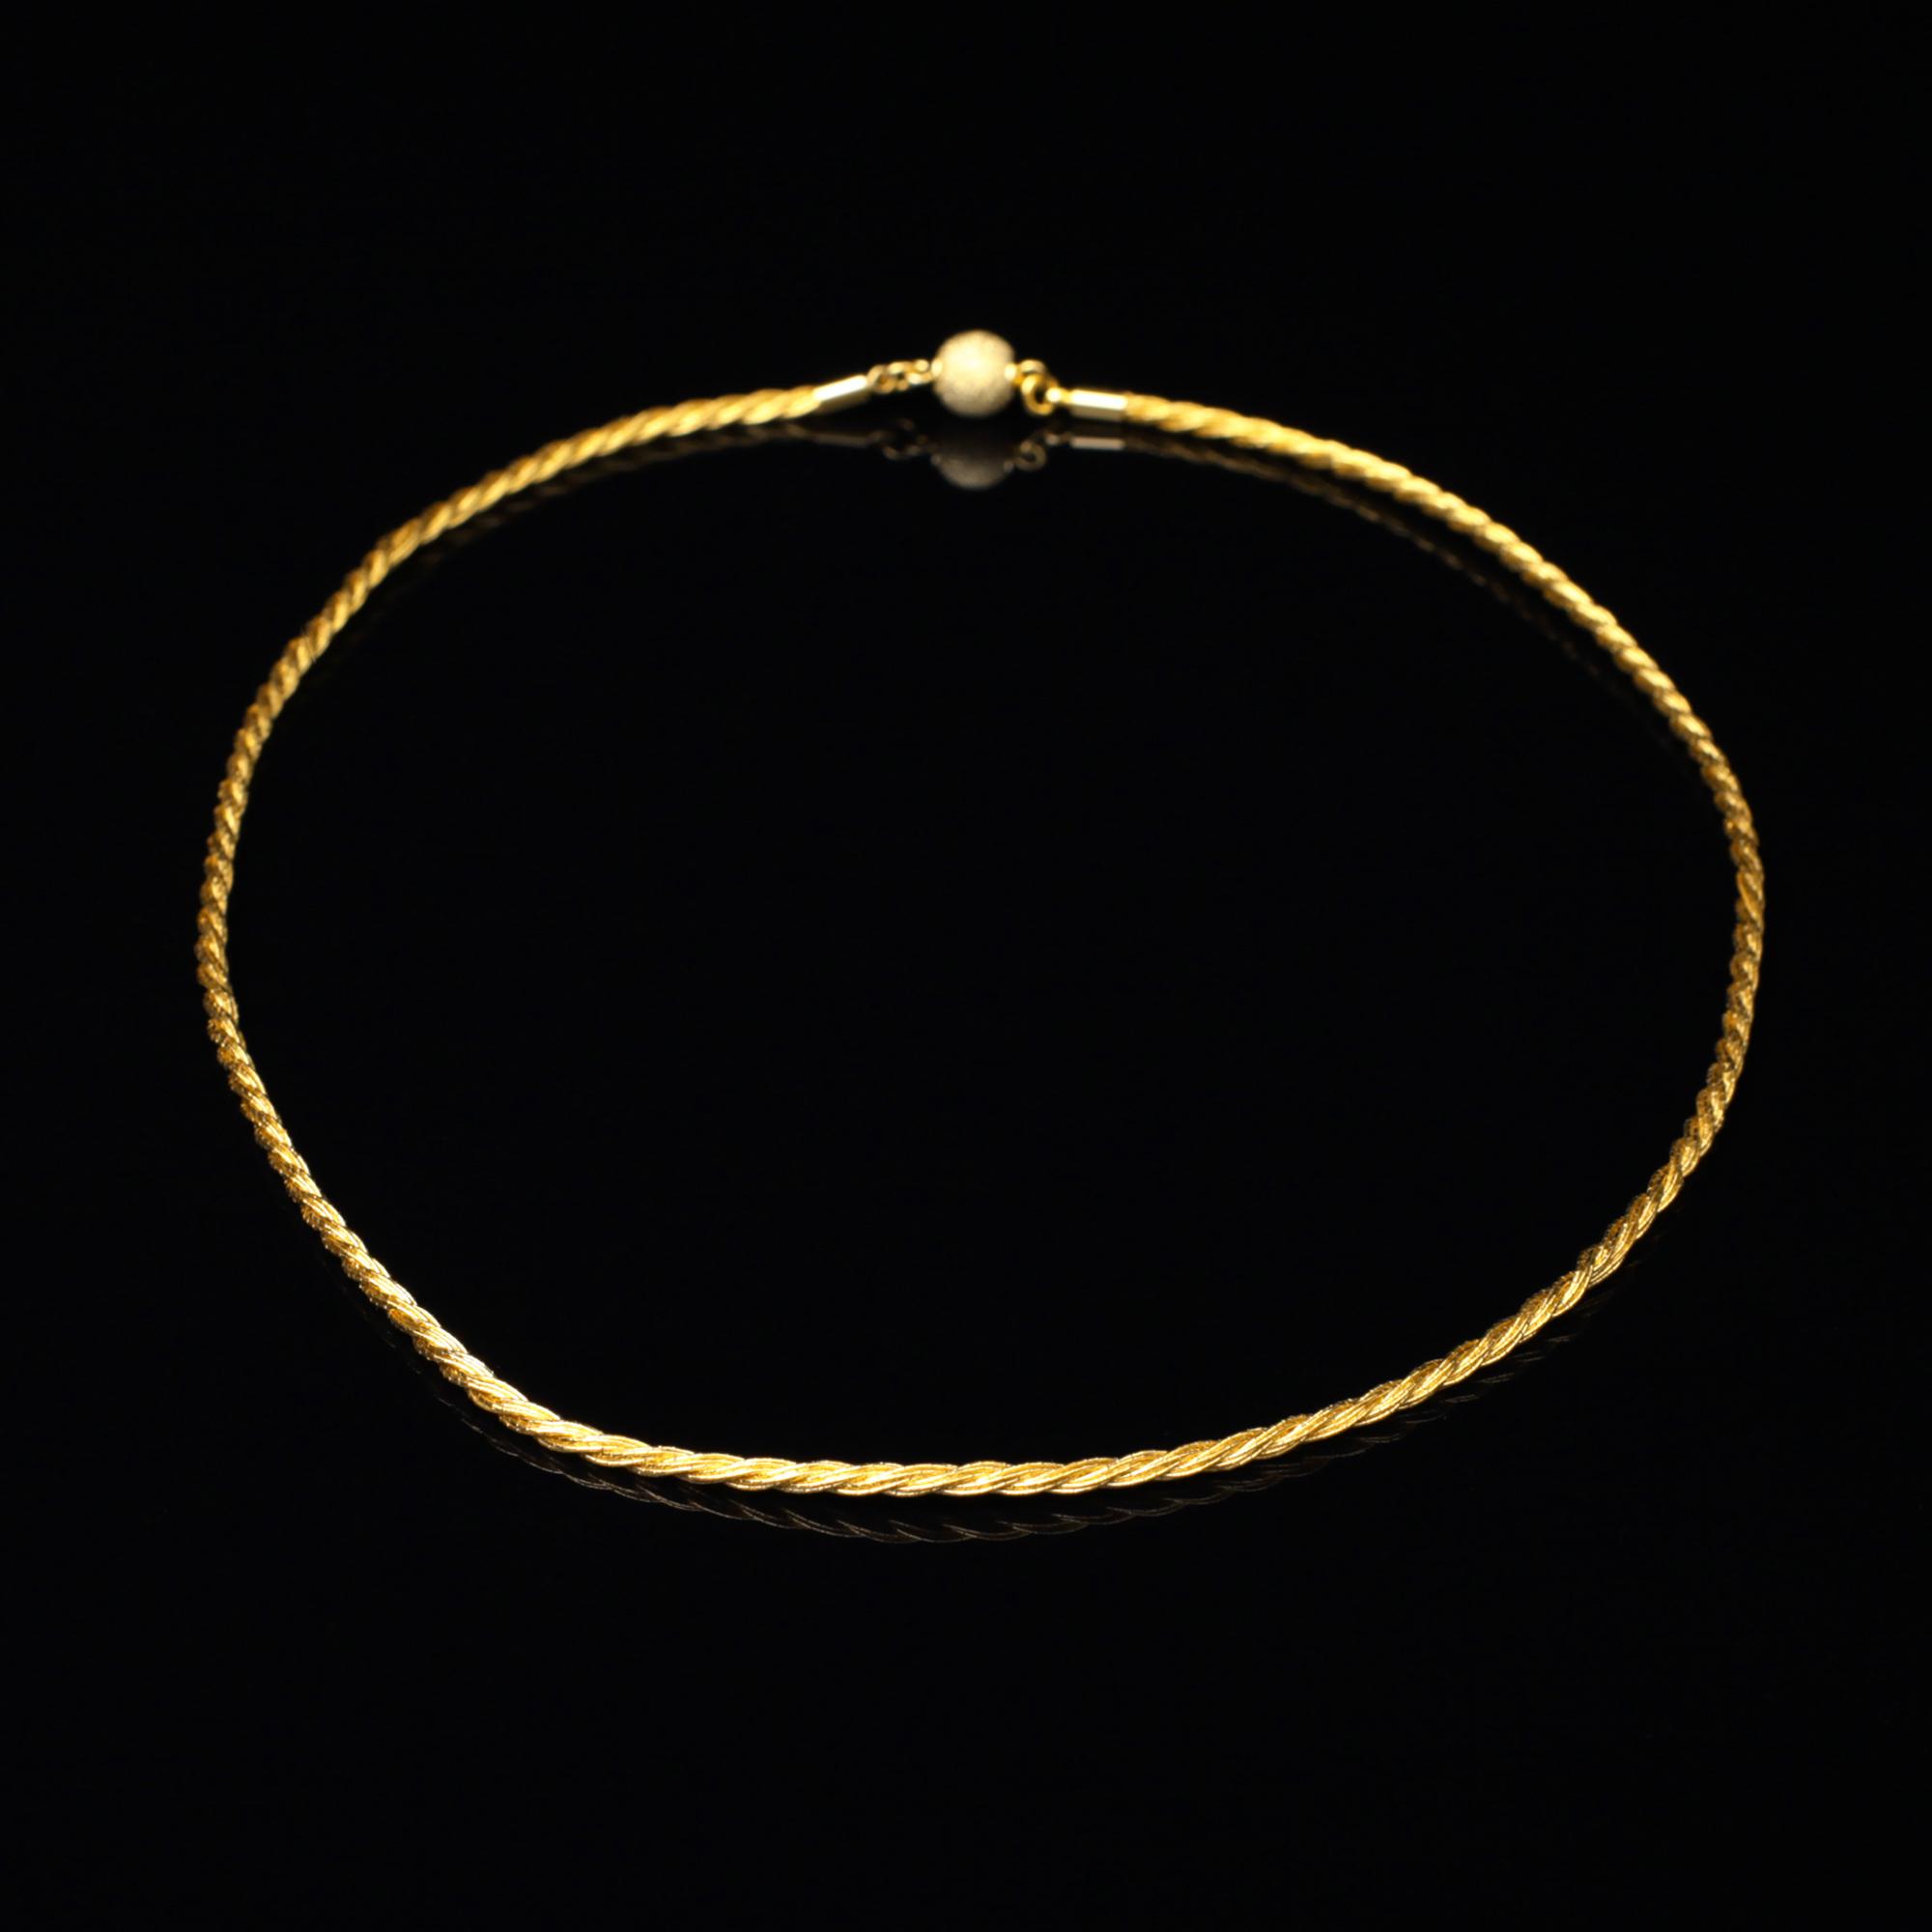 和の彩 金銀糸ネックレス/ペンダントの商品写真です。型番:658-967 画像その1